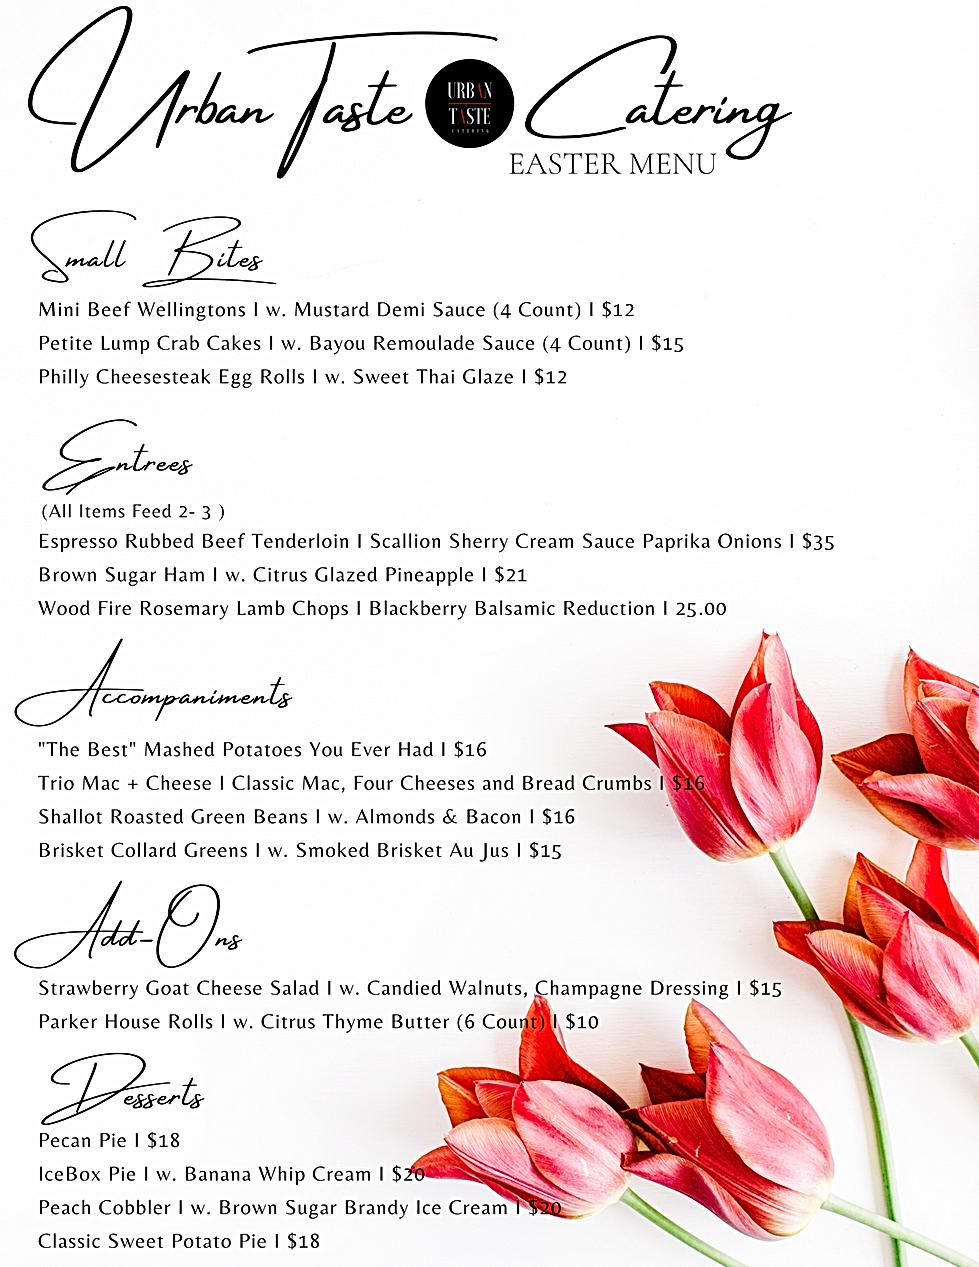 Easter Menu 2021 3.19.21 (2).png